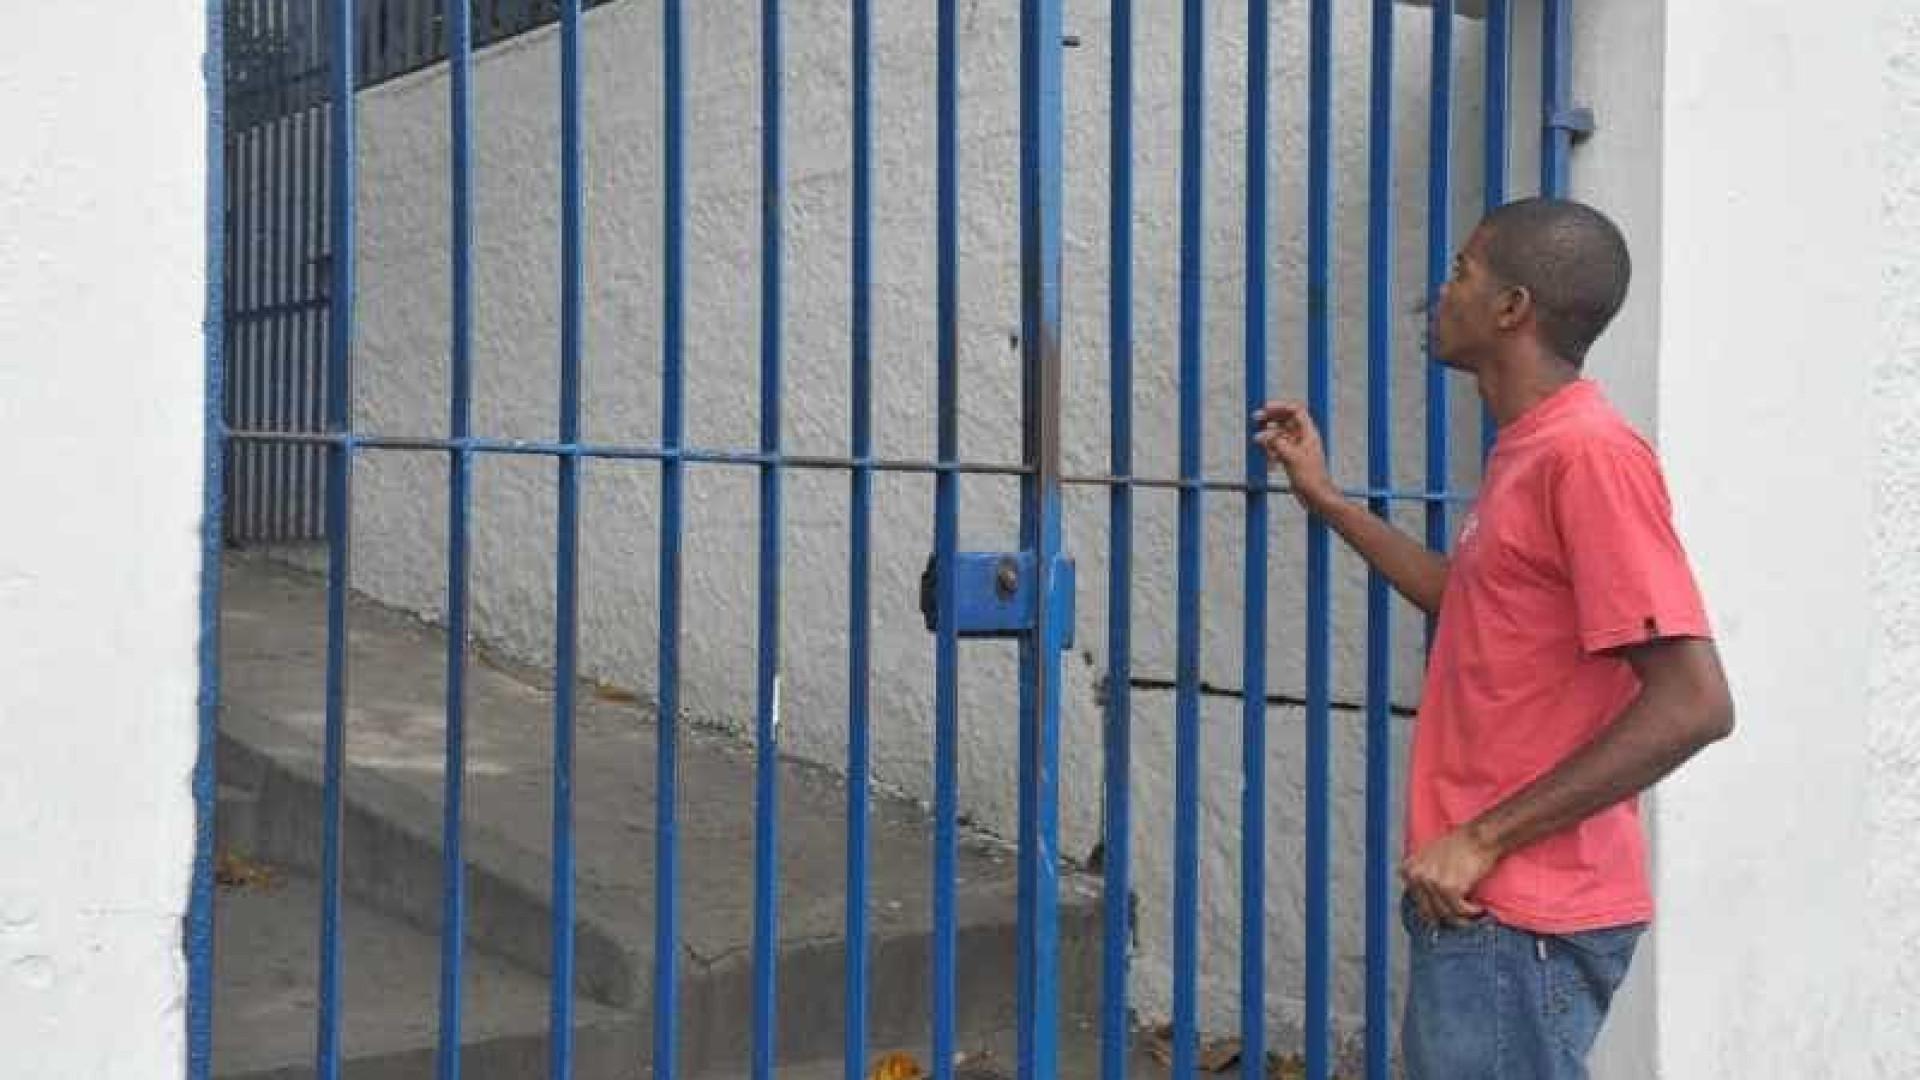 Brasil deve melhorar infraestrutura e acesso à educação de qualidade